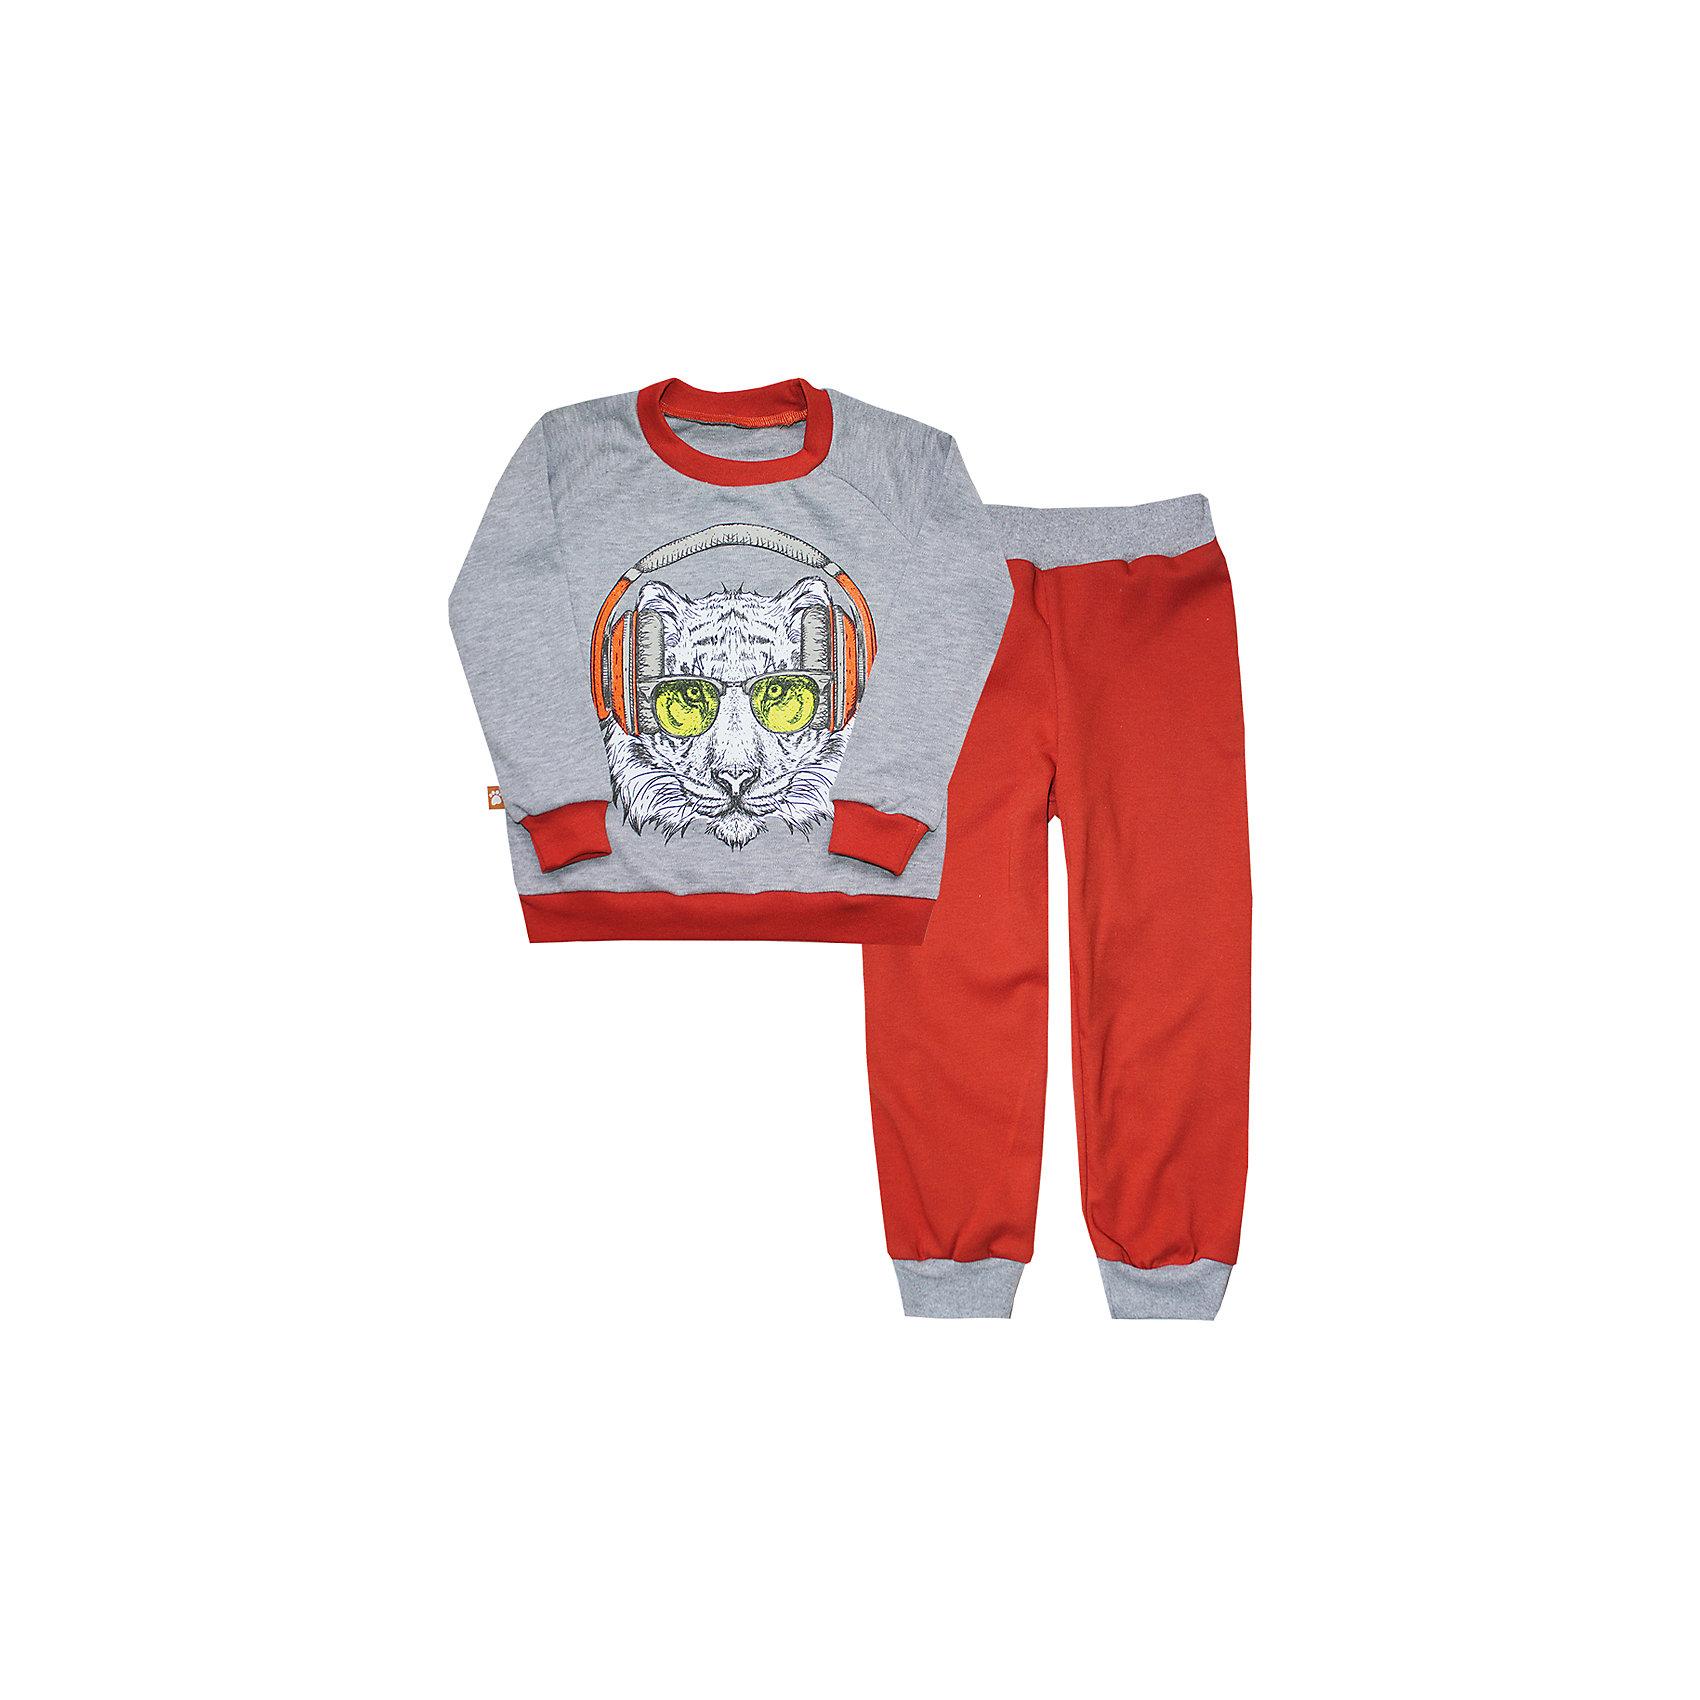 Пижама  для мальчика KotMarKotПижамы и сорочки<br>Пижама  для мальчика  известной марки KotMarKot.<br><br>Состав: 100% хлопок<br><br>Данную пижаму вы можете купить в нашем магазине.<br><br>Ширина мм: 281<br>Глубина мм: 70<br>Высота мм: 188<br>Вес г: 295<br>Цвет: бордовый<br>Возраст от месяцев: 18<br>Возраст до месяцев: 24<br>Пол: Мужской<br>Возраст: Детский<br>Размер: 104,98,92,122,116,110<br>SKU: 4906539